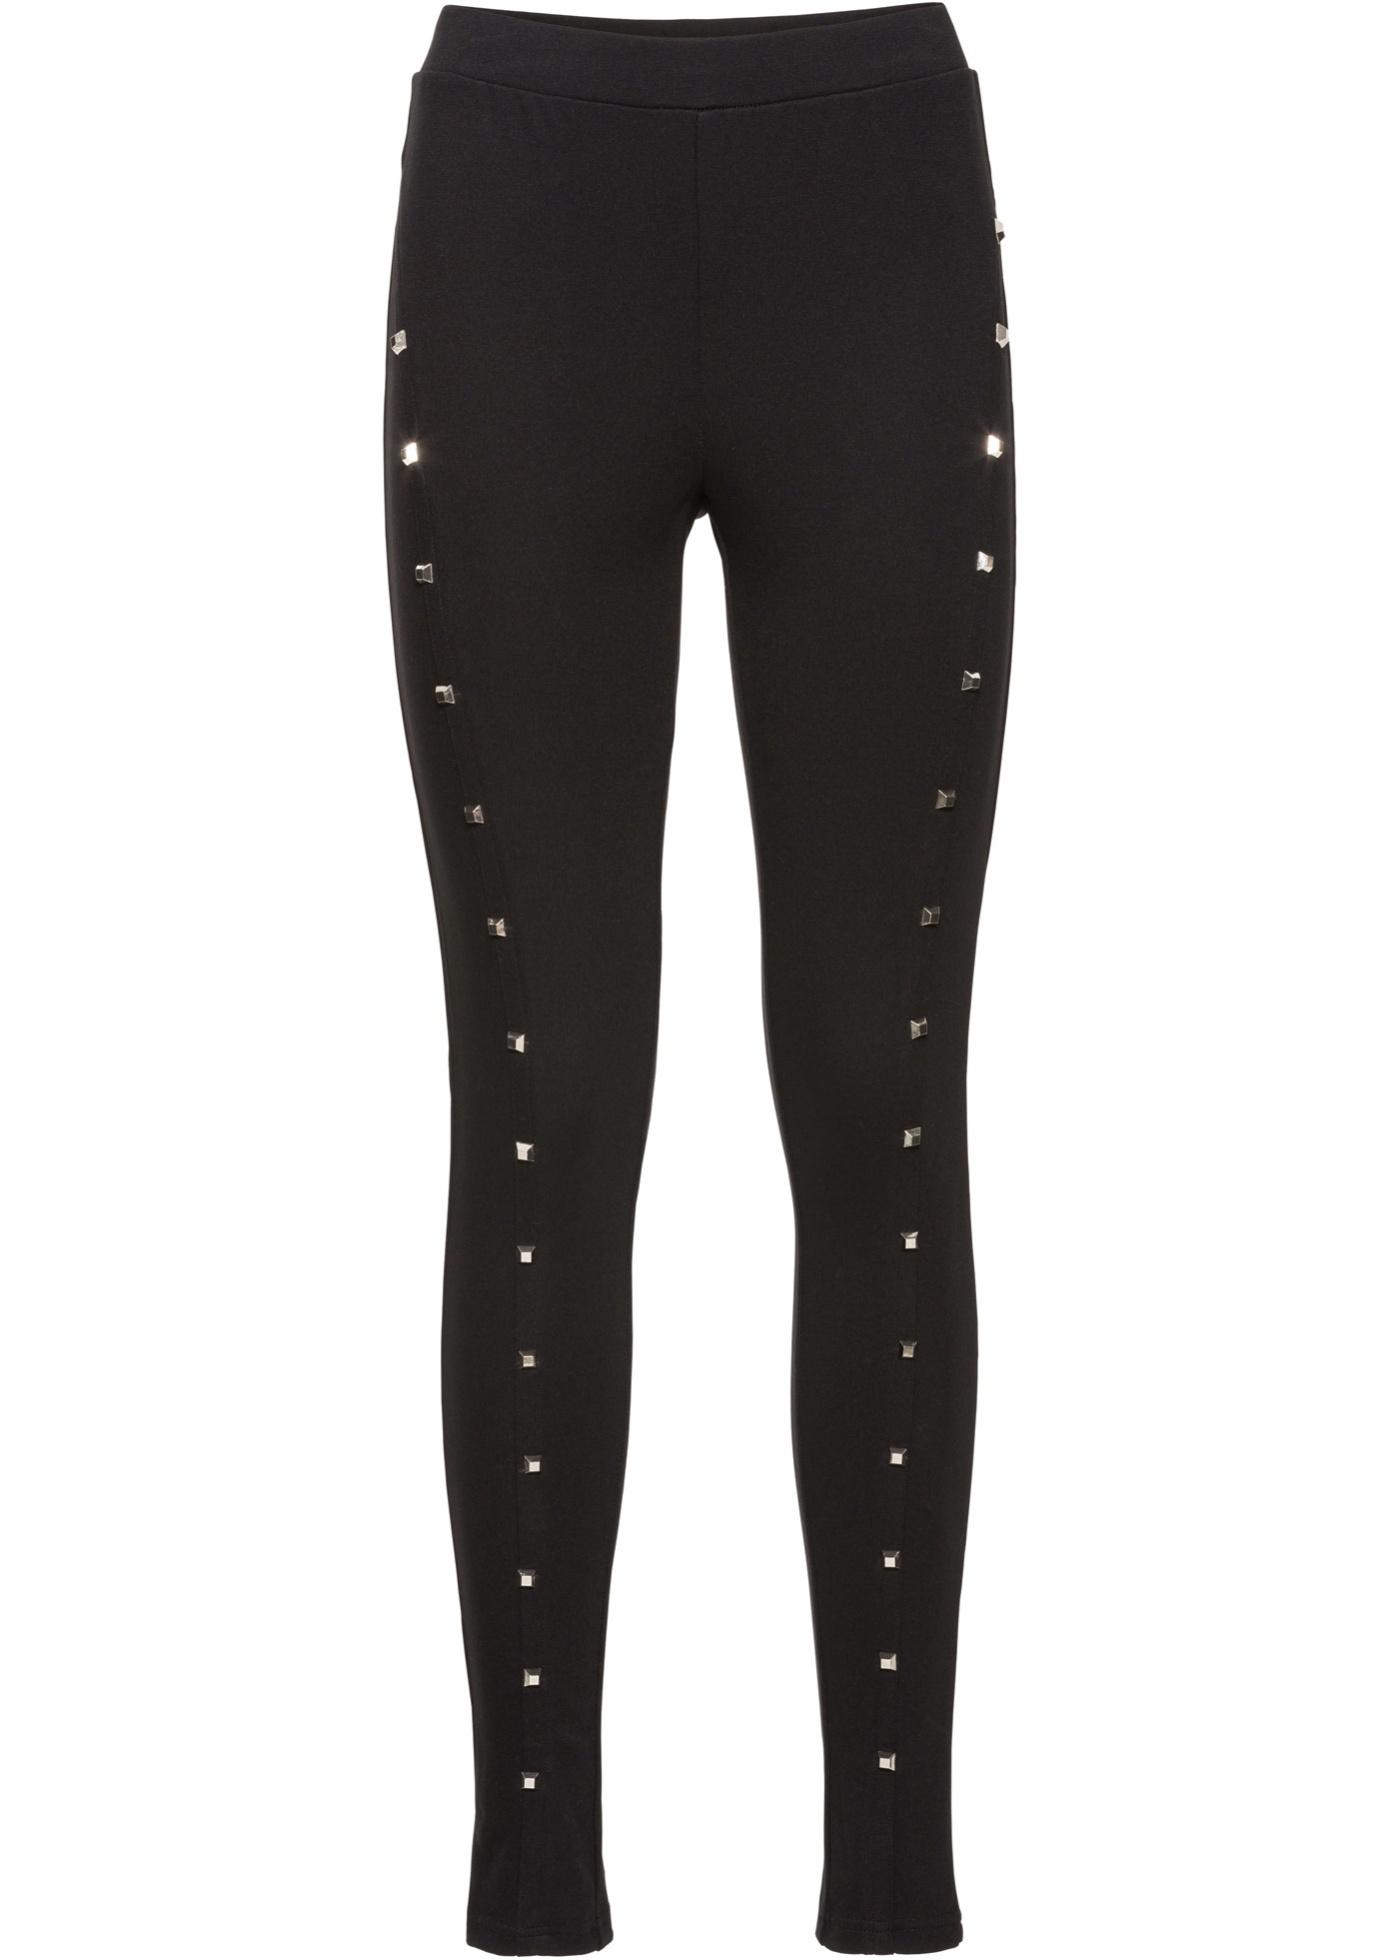 Bodyflirt Noir BonprixLegging Rivets Femme Boutique Pour Avec X8n0wOkP